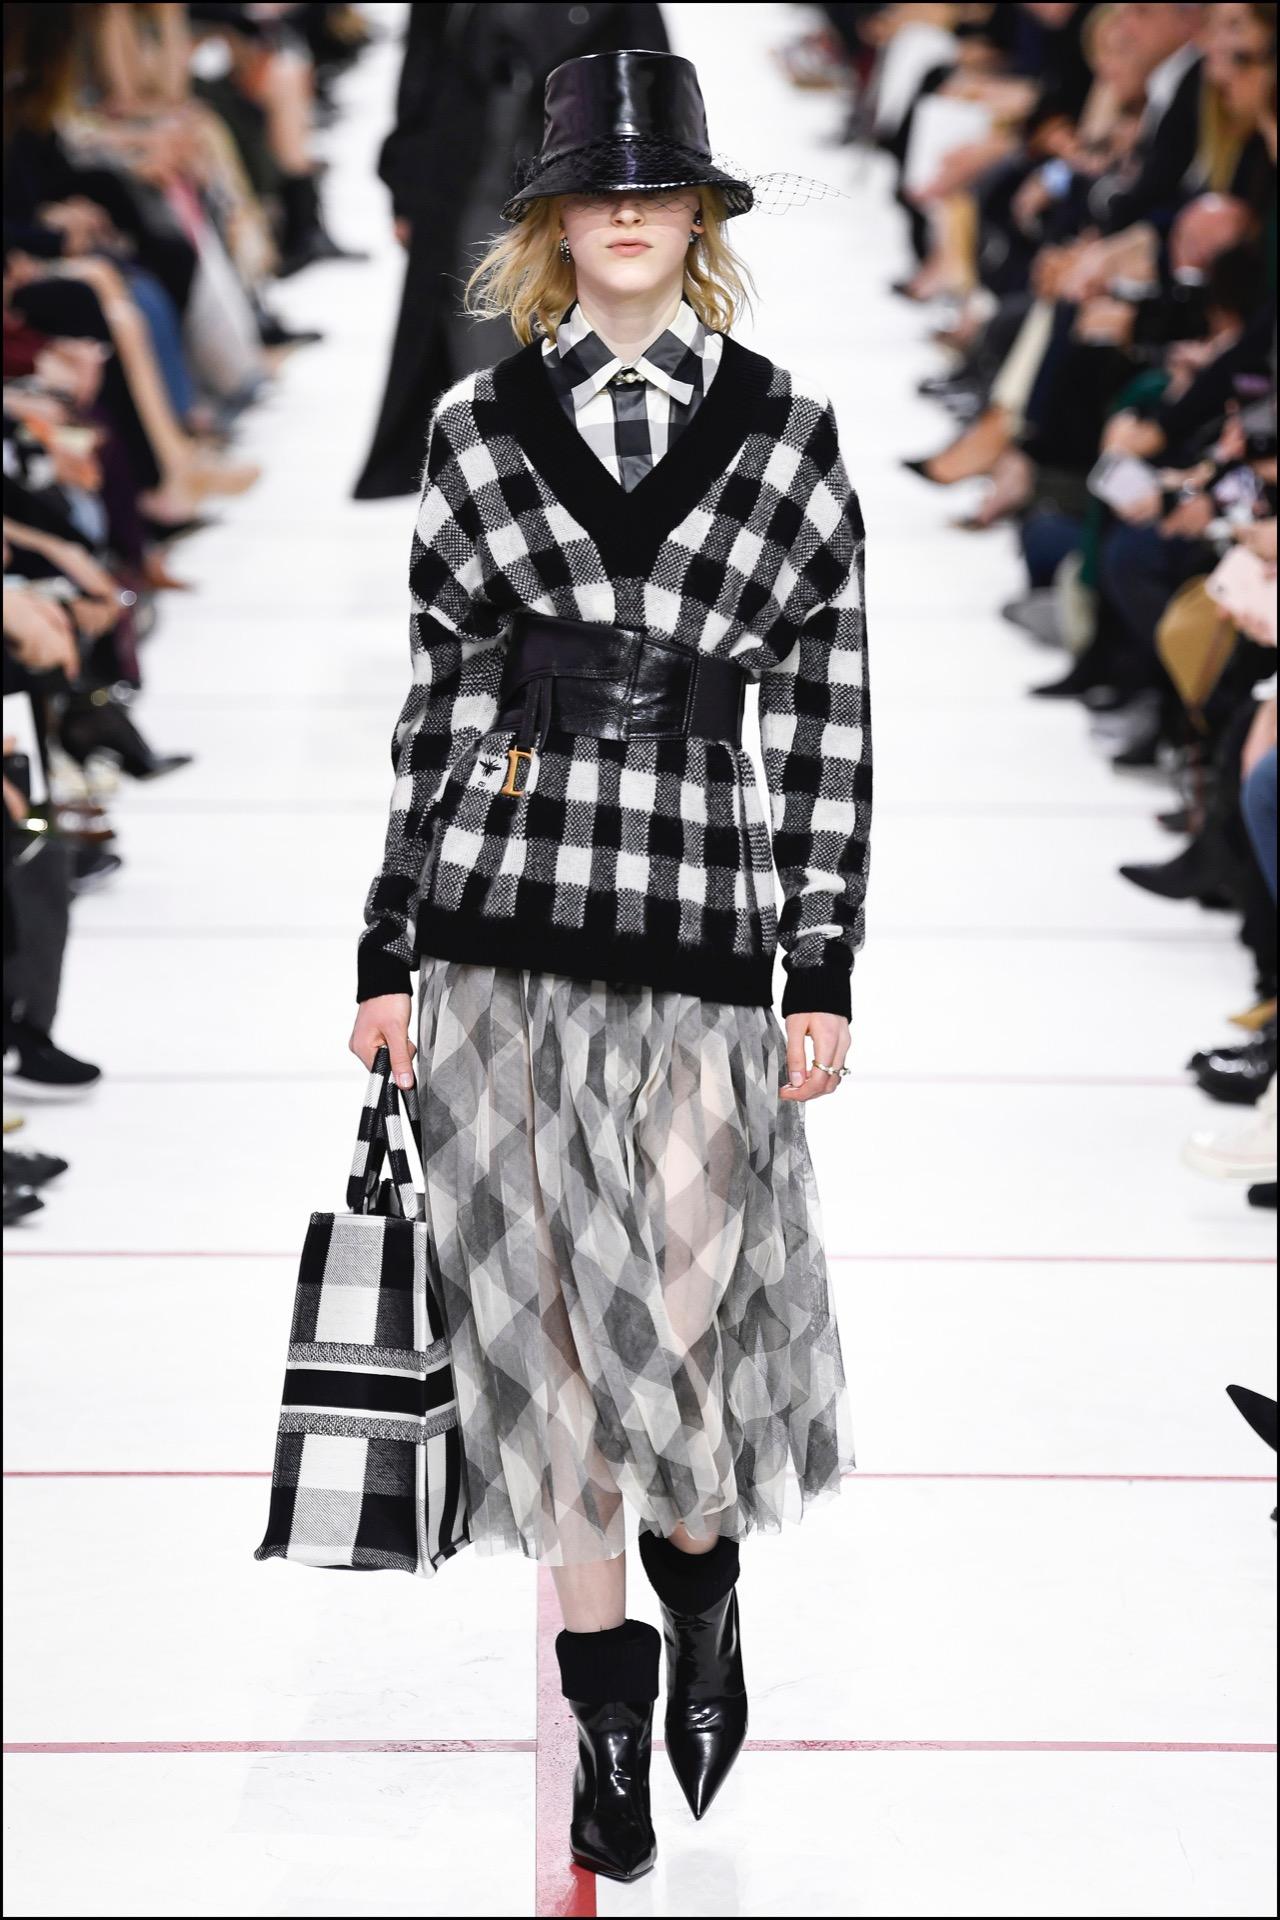 Una de las propuestas en el desfile de Christian Dioren Paris Fashion Week.